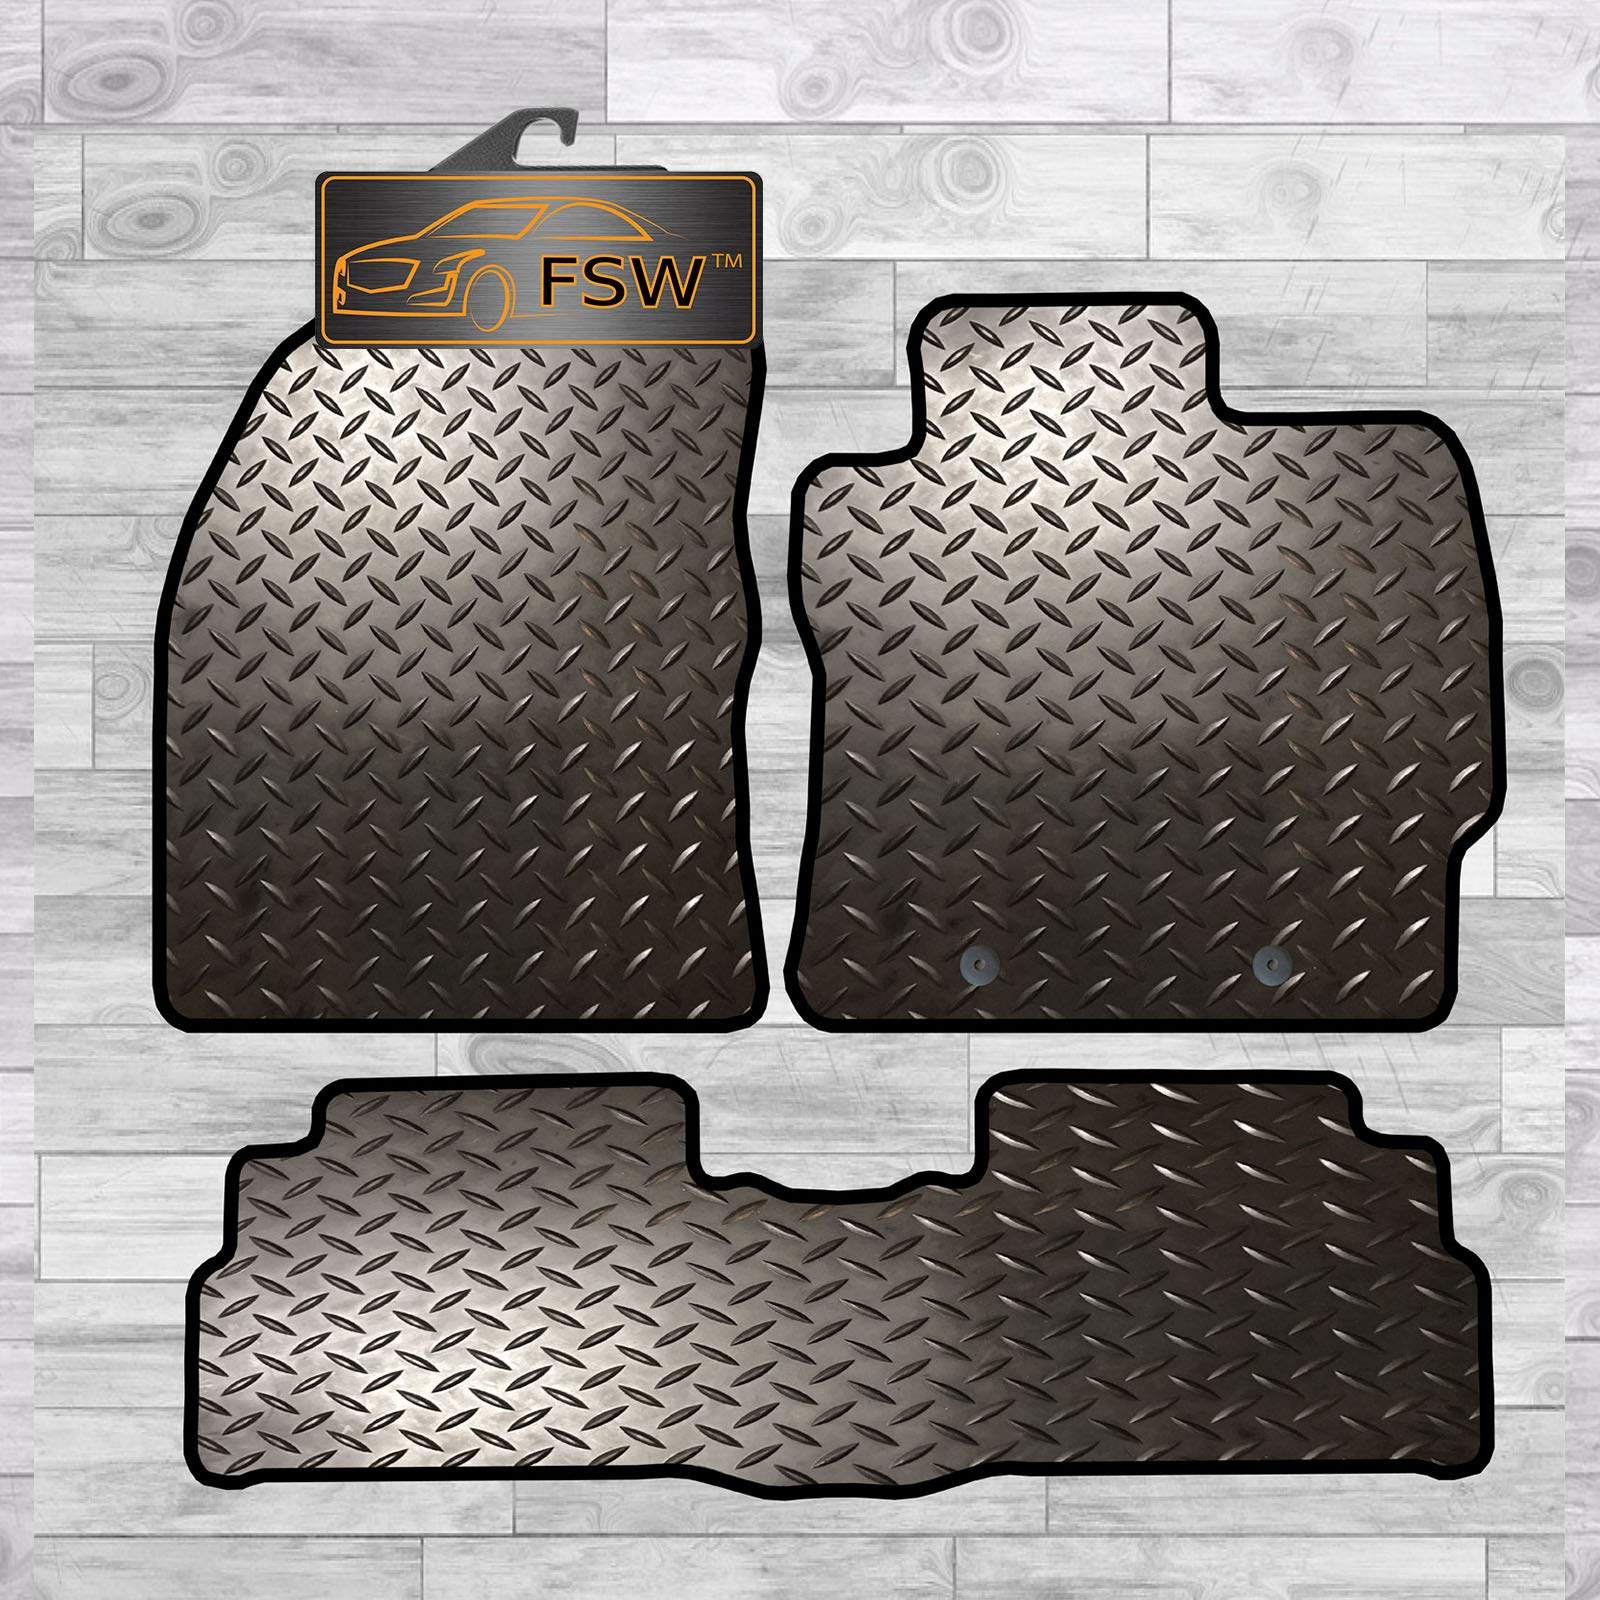 FSW Tailored 3MM Waterproof Rubber Heavy Duty Car Floor Mats